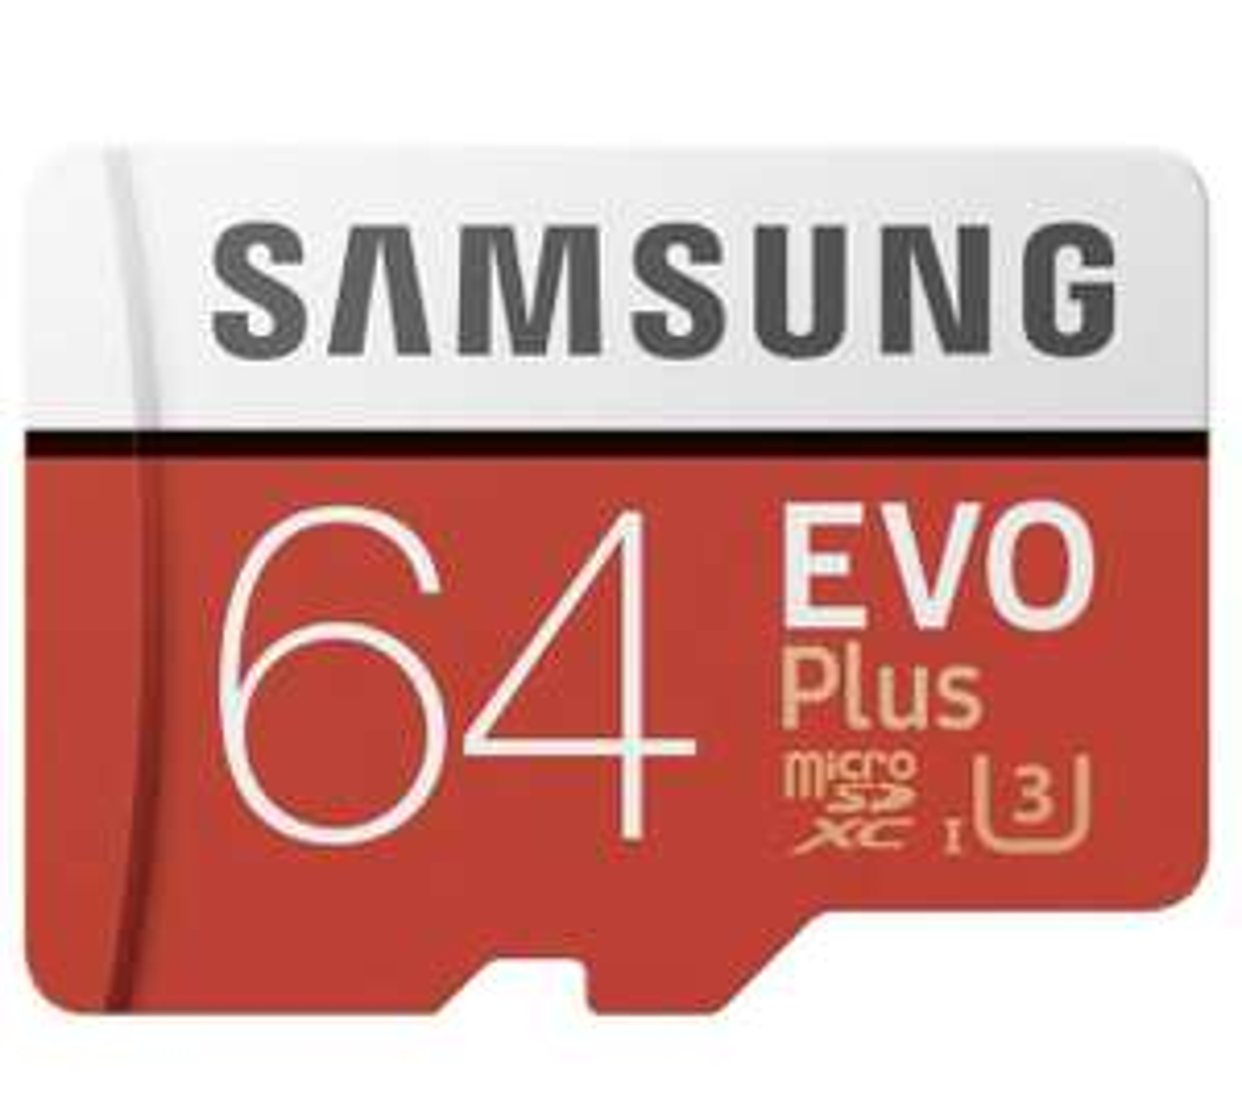 Samsung R100/W60 microSDXC EVO Plus 64GB Kit, UHS-I U3, Class 10